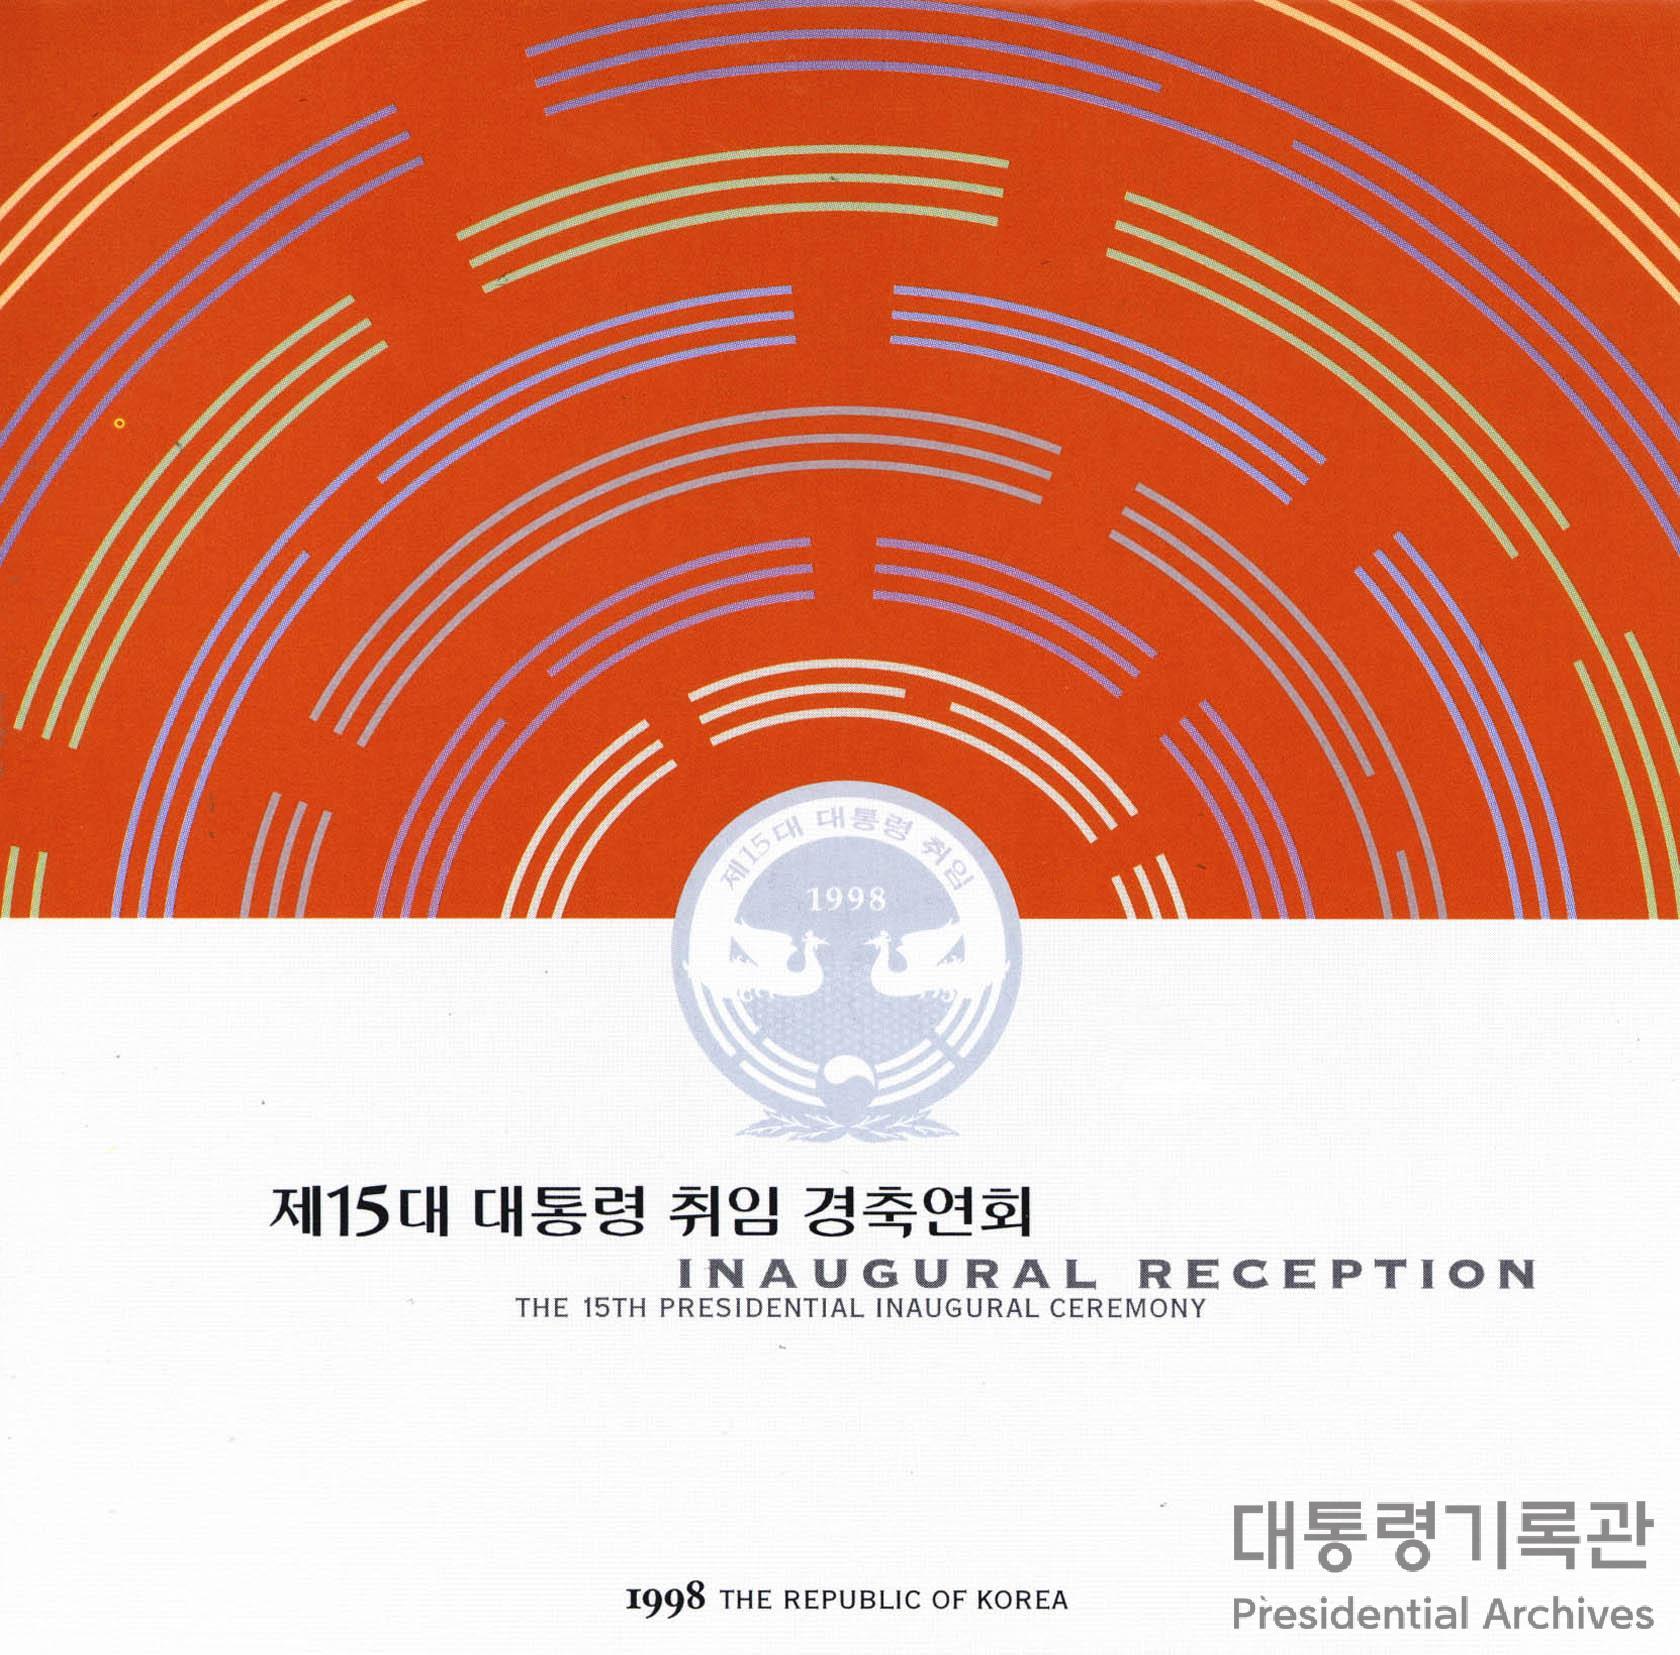 제15대 대통령 취임 경축연회 초청장 (1998, 김대중대통령)